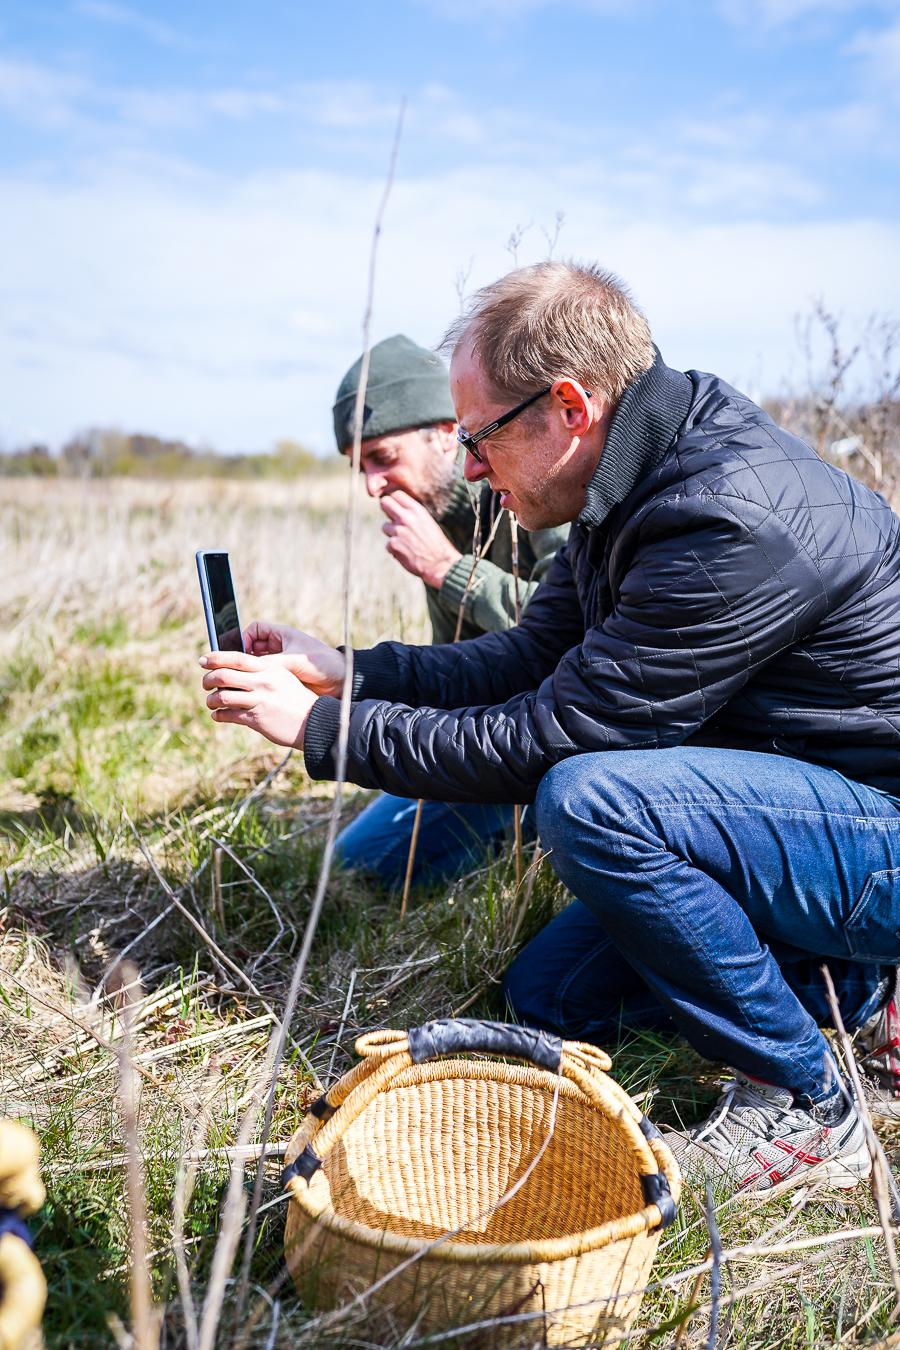 Lars Toke Graugaard og Troels Præst Andersen dokumenterer plukkearbejdet i Ådalen. Photo by Michael Sperling.